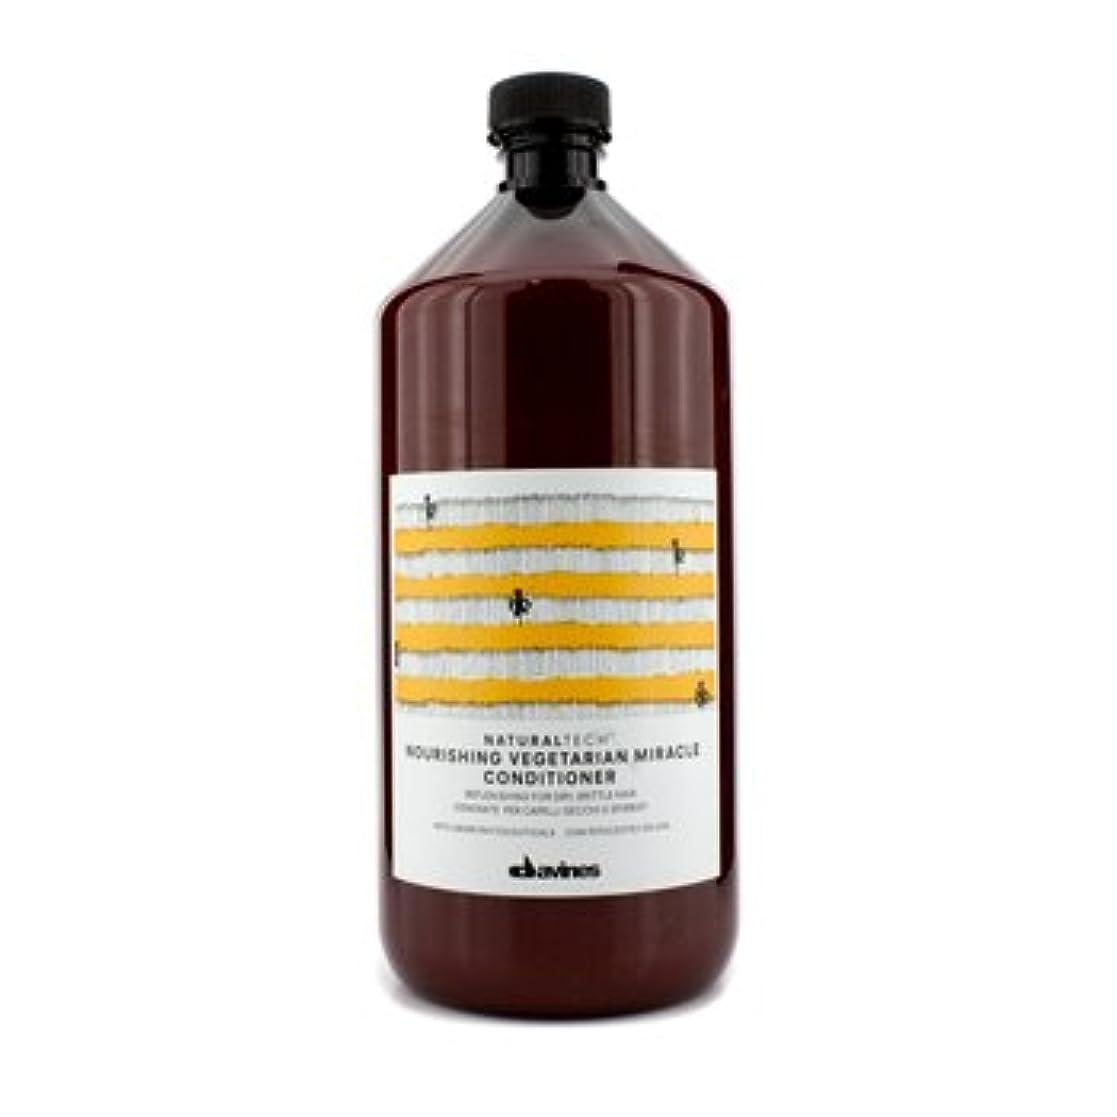 カンガルー適度にのためにダヴィネスNatural Tech Nourishing Vegetarian Miracle Conditioner (For Dry, Brittle Hair) 1000ml/33.8oz【海外直送品】